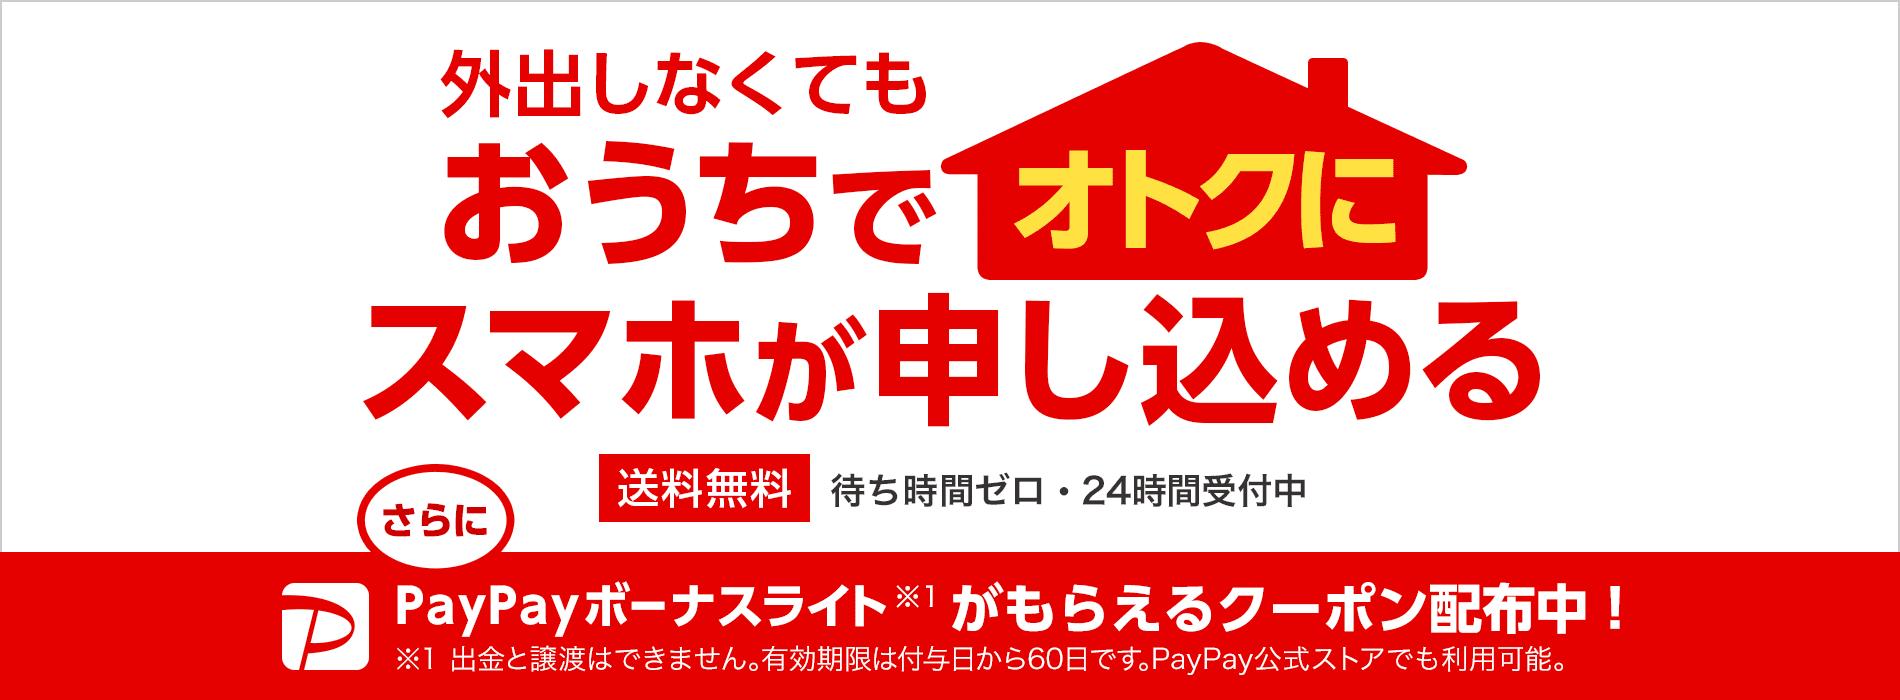 外出しなくてもおうちでオトクにスマホが申し込める 送料無料 待ち時間ゼロ・24時間受付中 さらにPayPayボーナスライト(※1)がもらえるクーポン配布中! ※1 出金と譲渡はできません。有効期限は付与日から60日です。PayPay公式ストアでも利用可能。